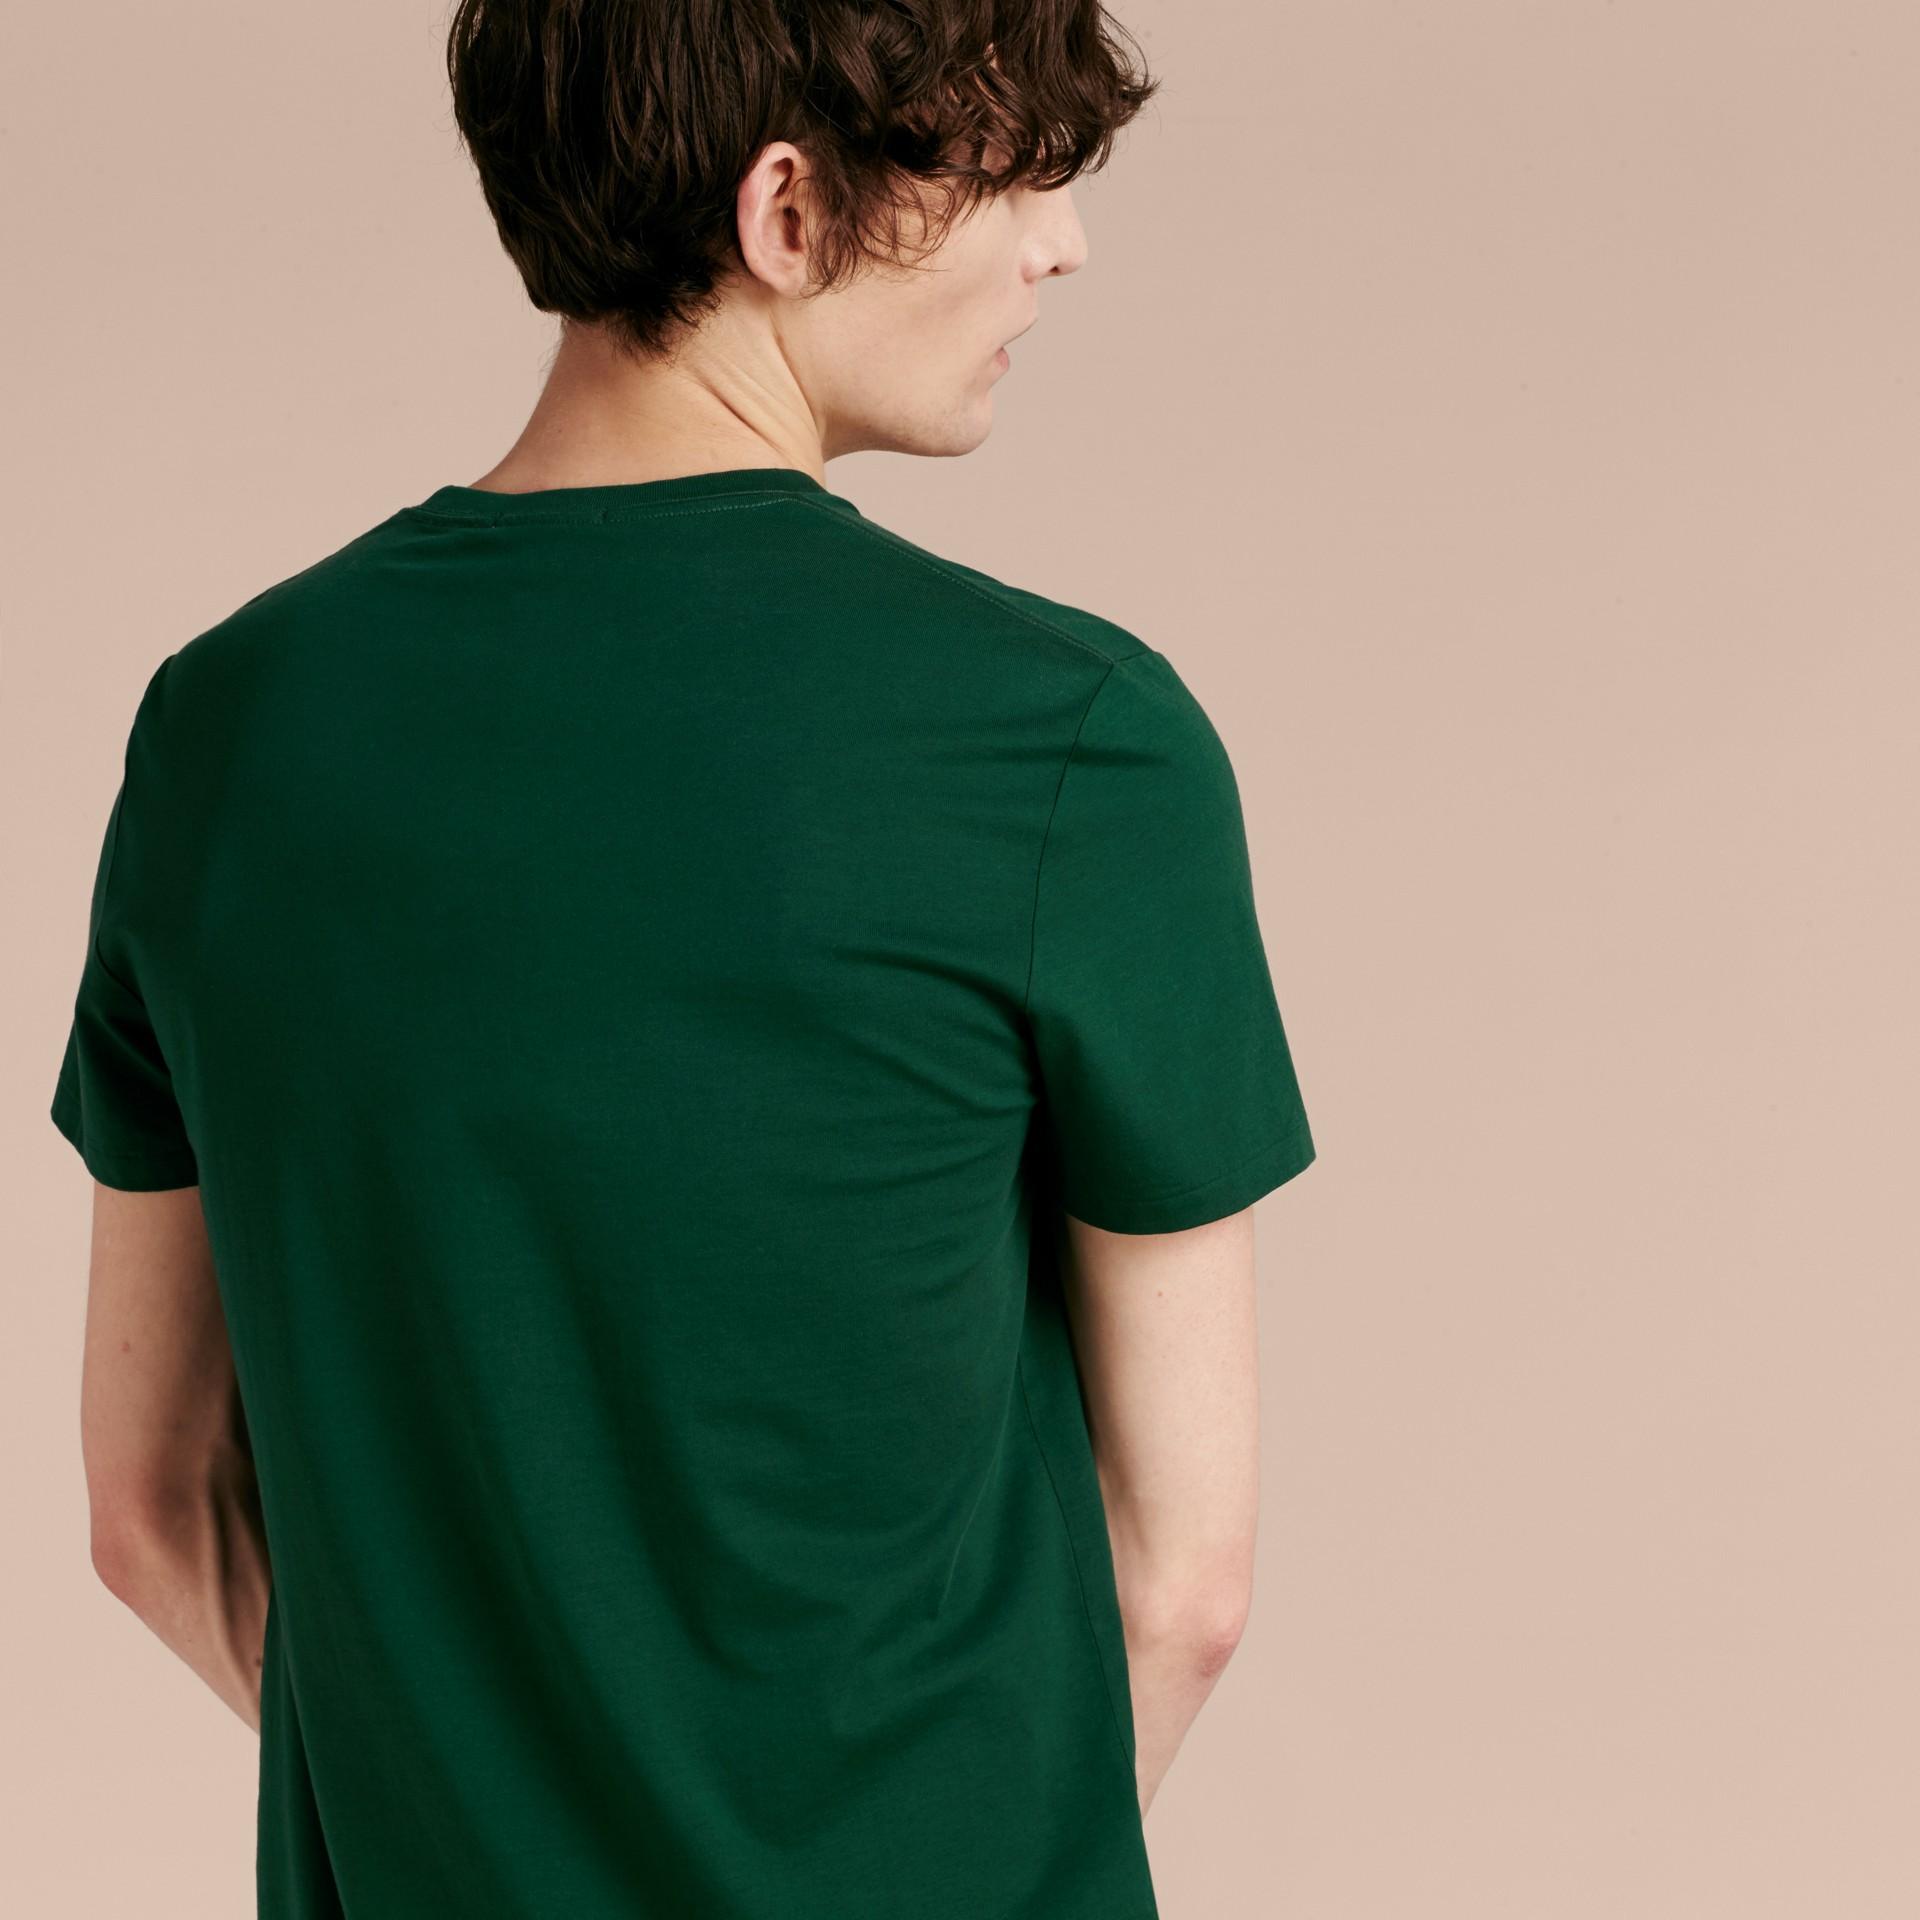 Vert racing T-shirt en coton ultra-doux Vert Racing - photo de la galerie 3